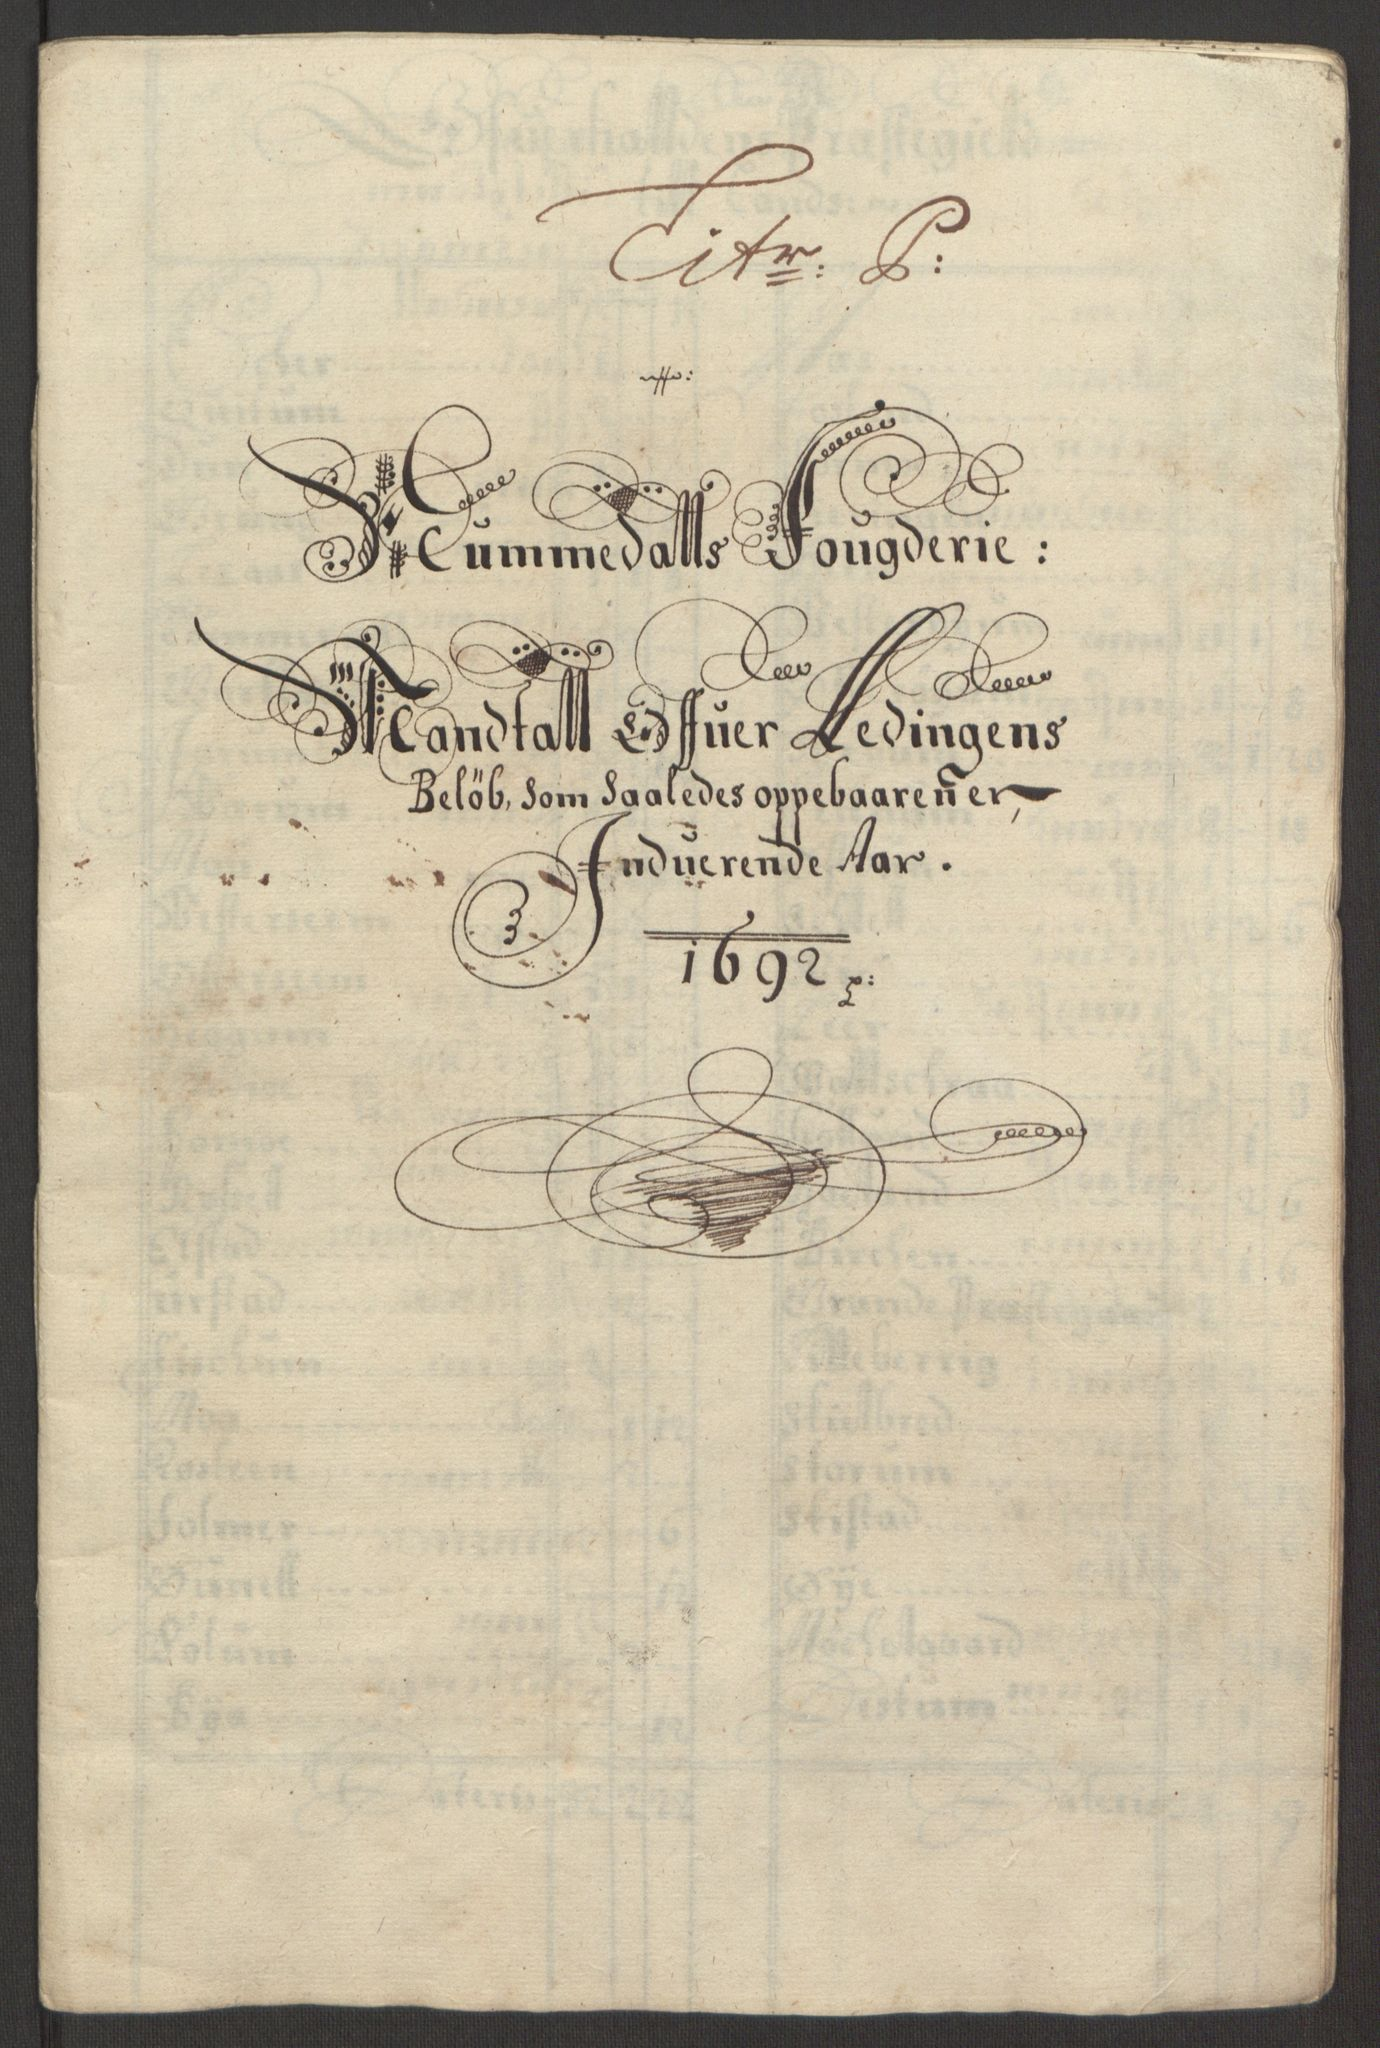 RA, Rentekammeret inntil 1814, Reviderte regnskaper, Fogderegnskap, R64/L4424: Fogderegnskap Namdal, 1692-1695, s. 100